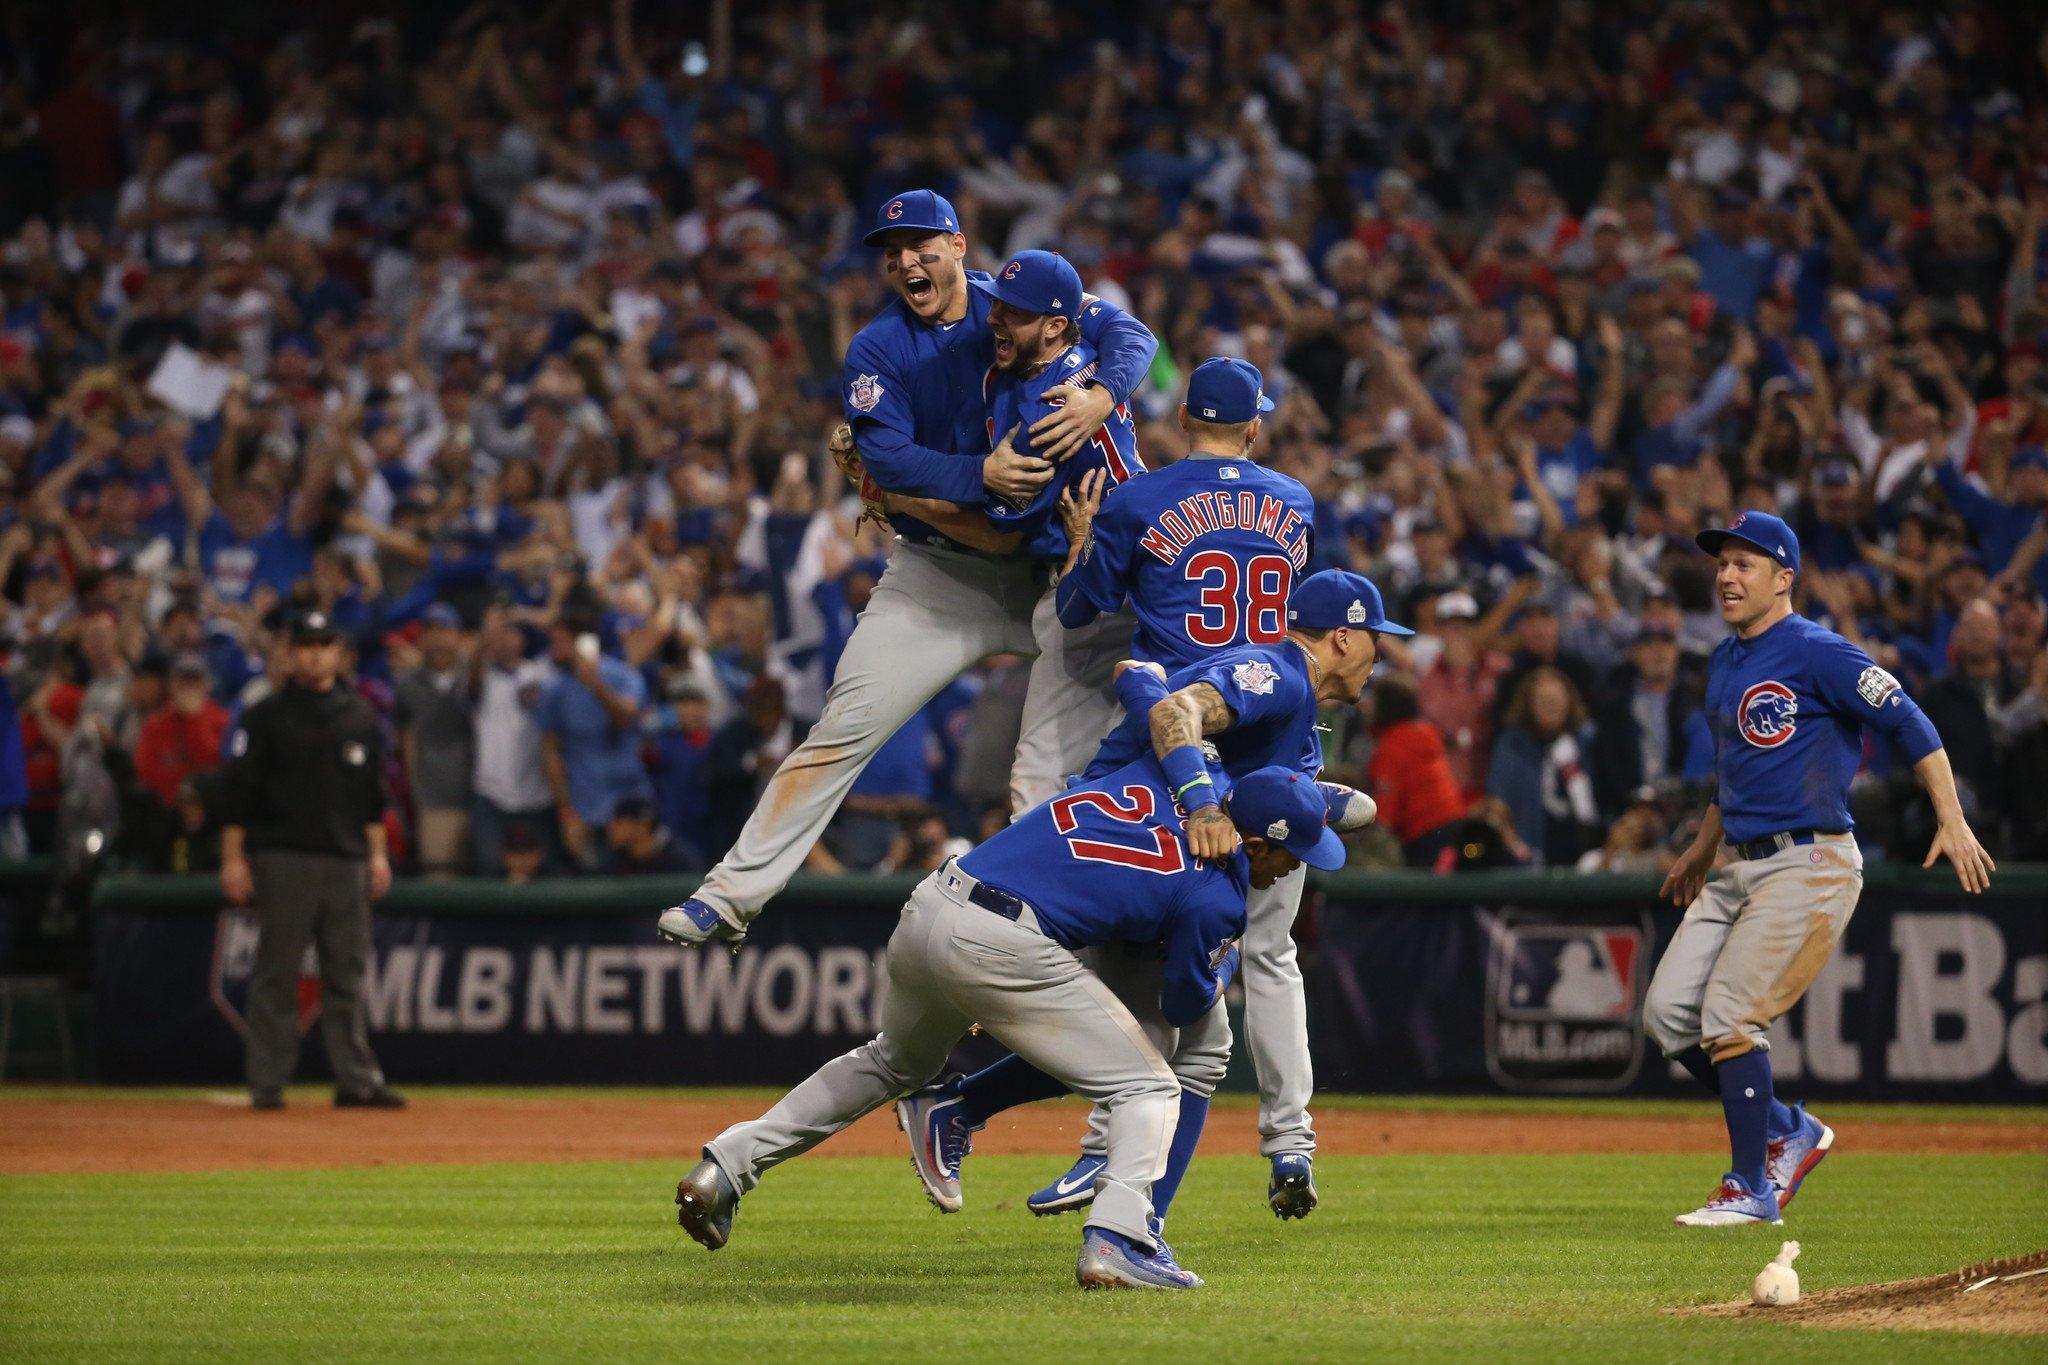 Pemenang World Series melengkapi daftar juara MLB baseball